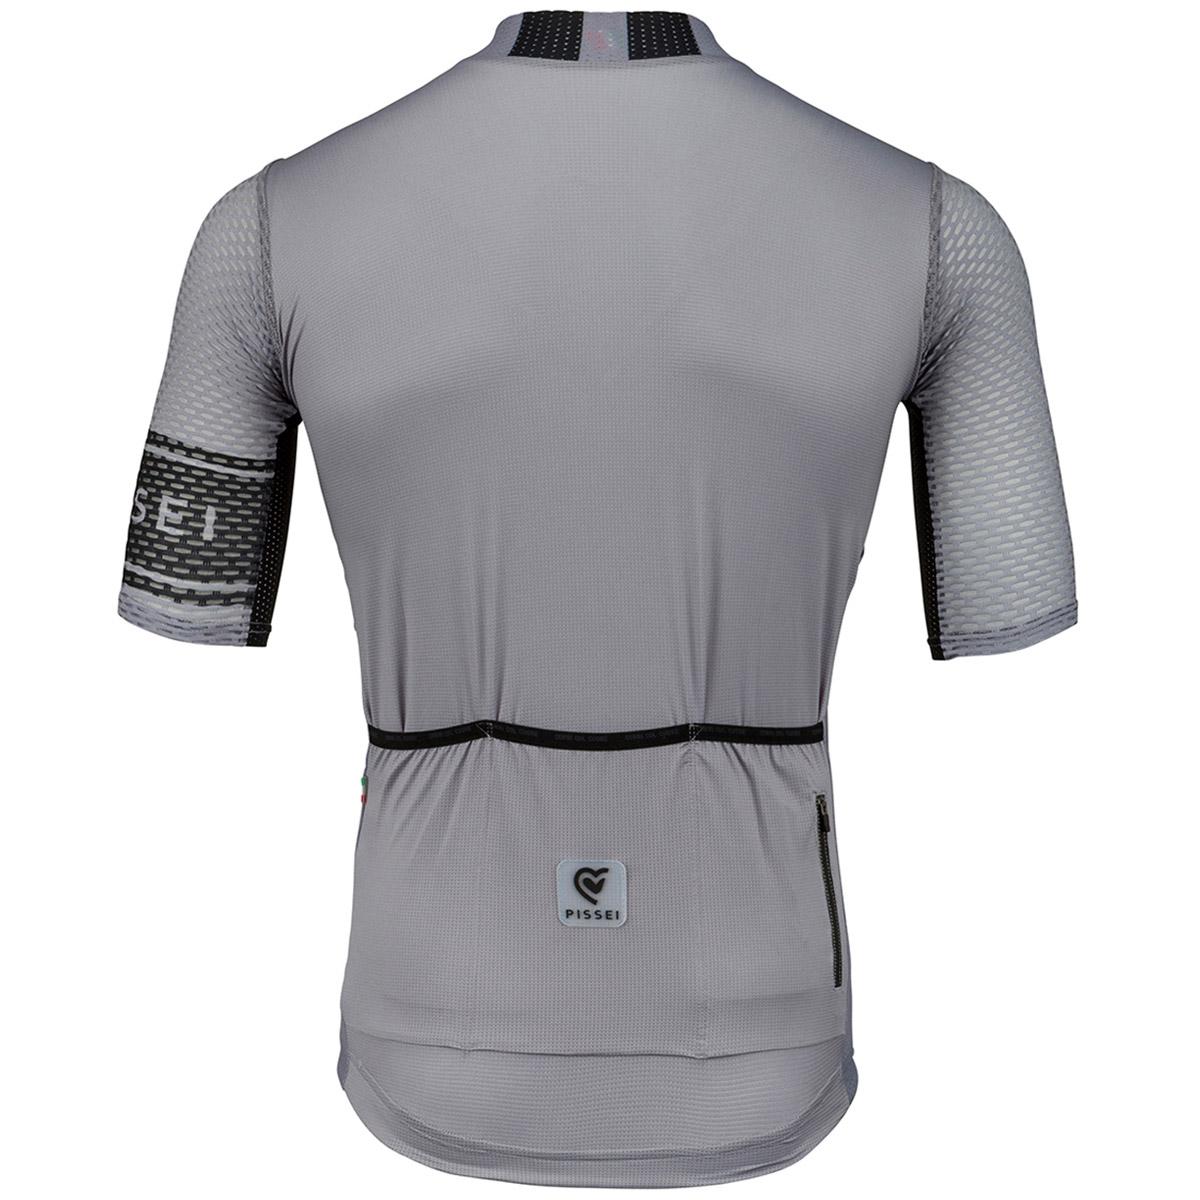 Maglia manica corta Pissei Sanremo Striped grigio nero - retro